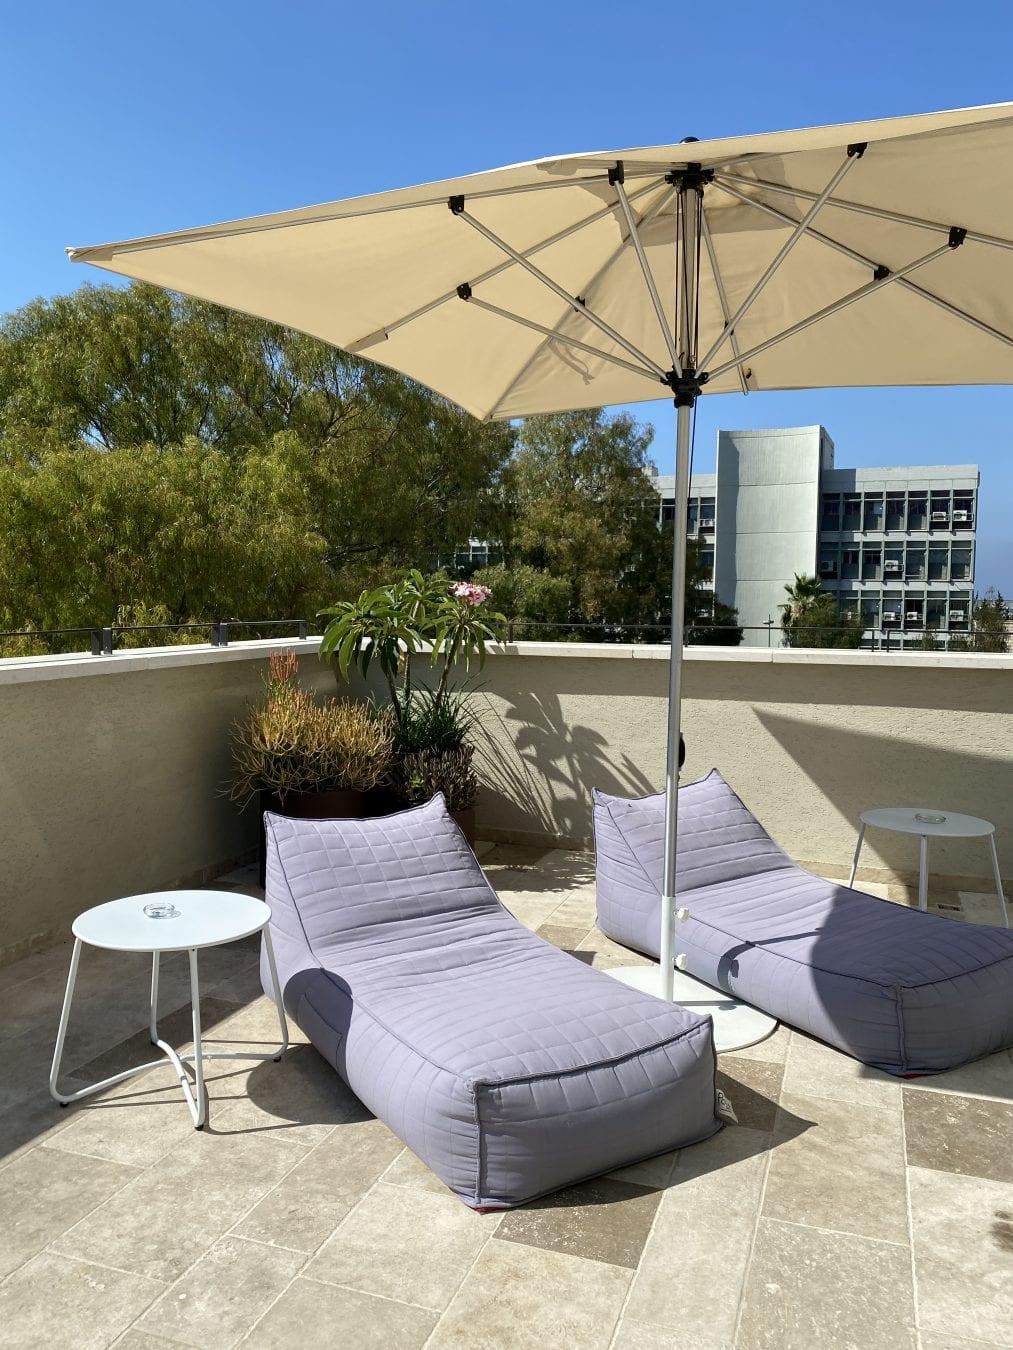 Hotel Schumacher Haifa | מלון שומאכר חיפה